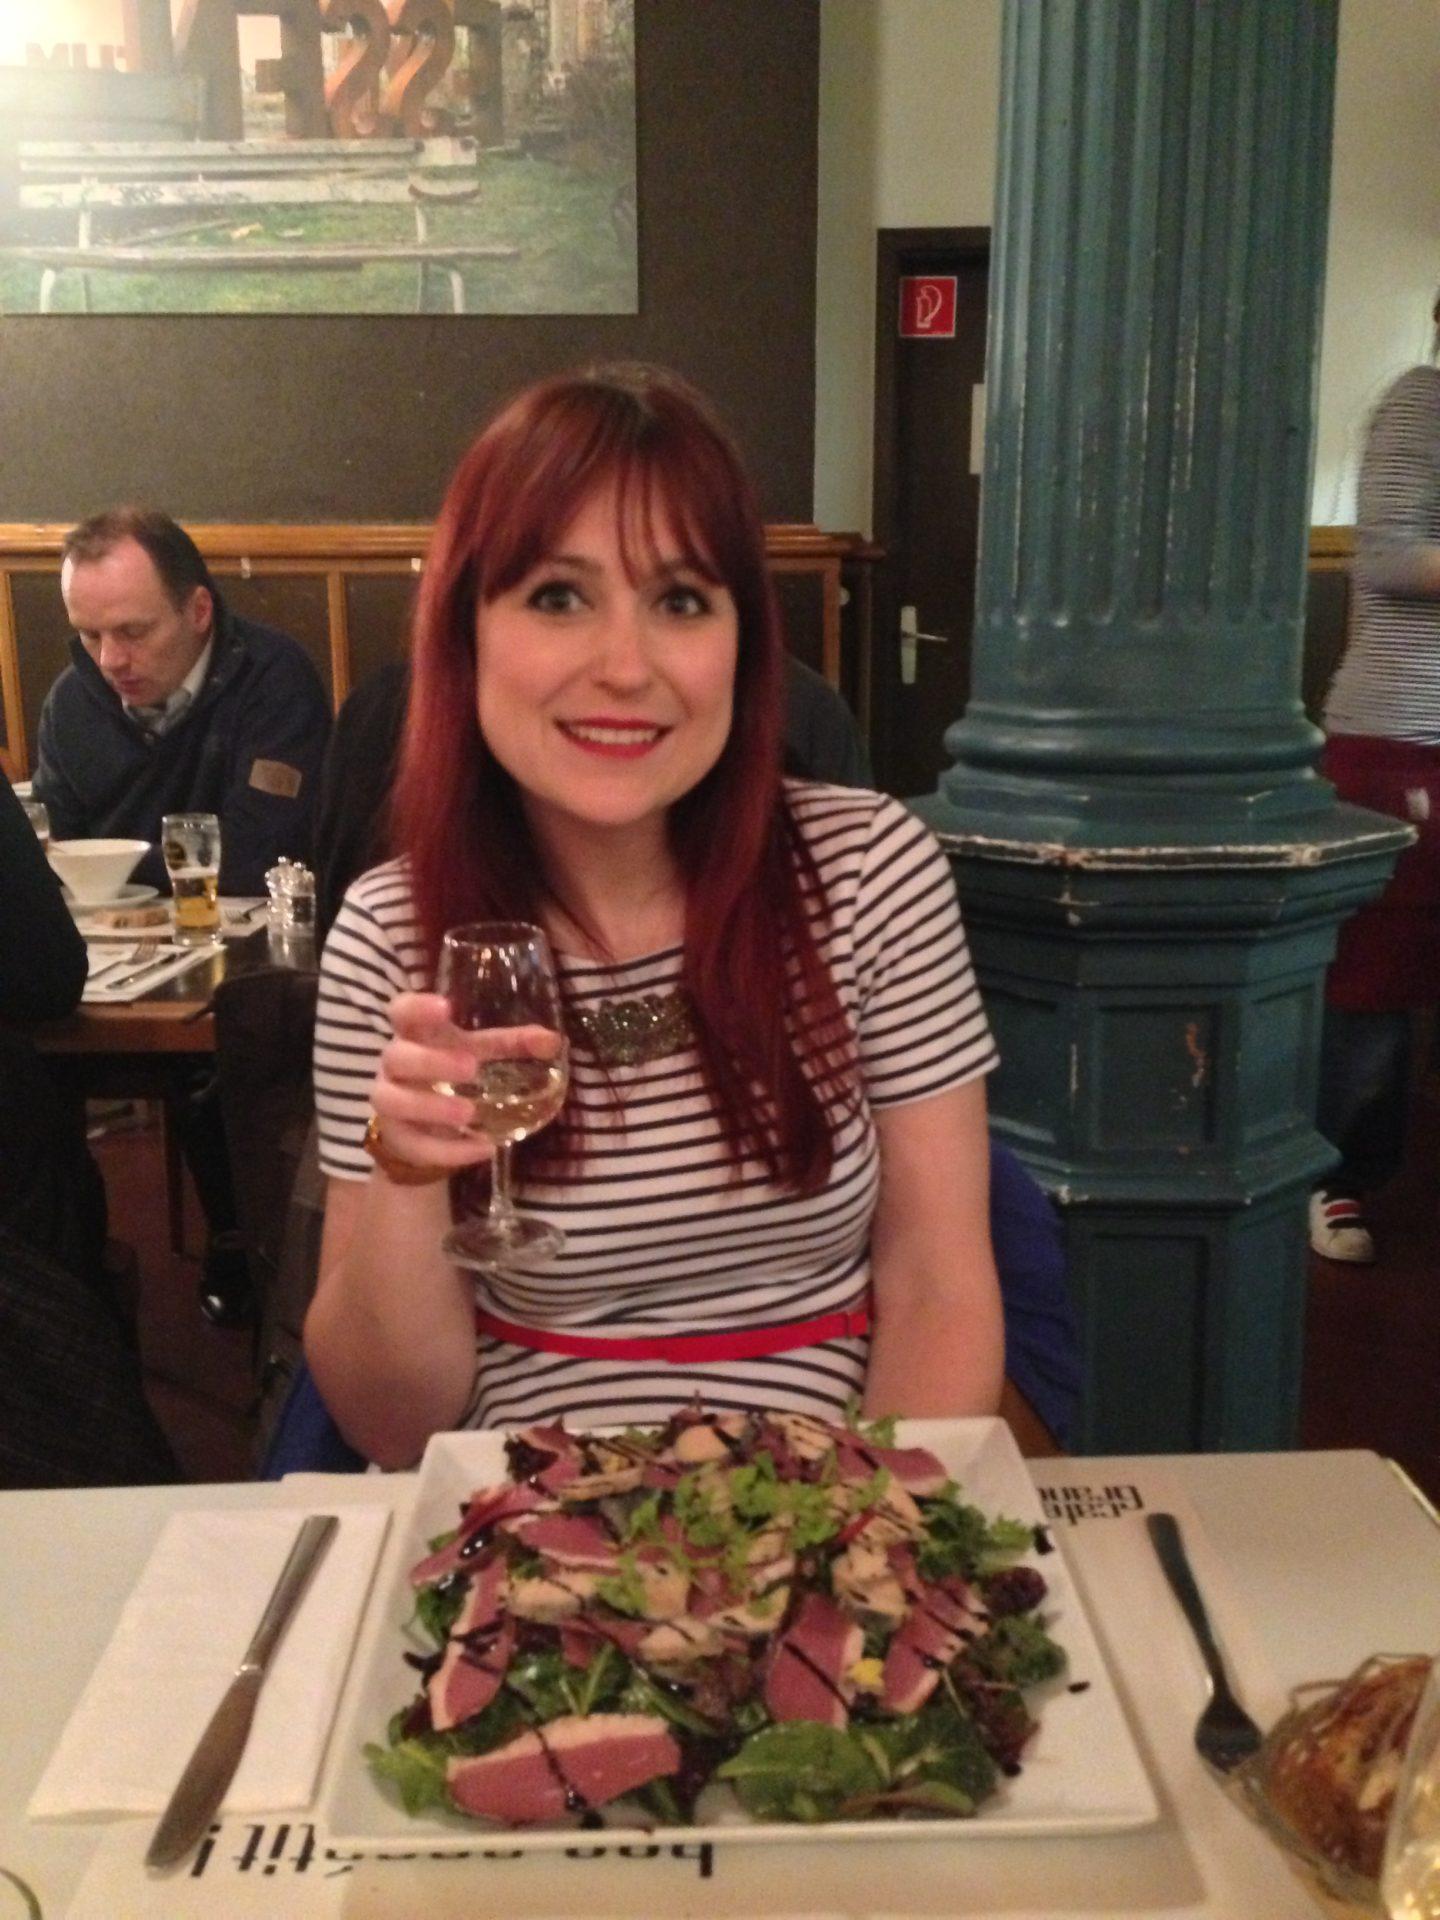 At Cafe De Grancy